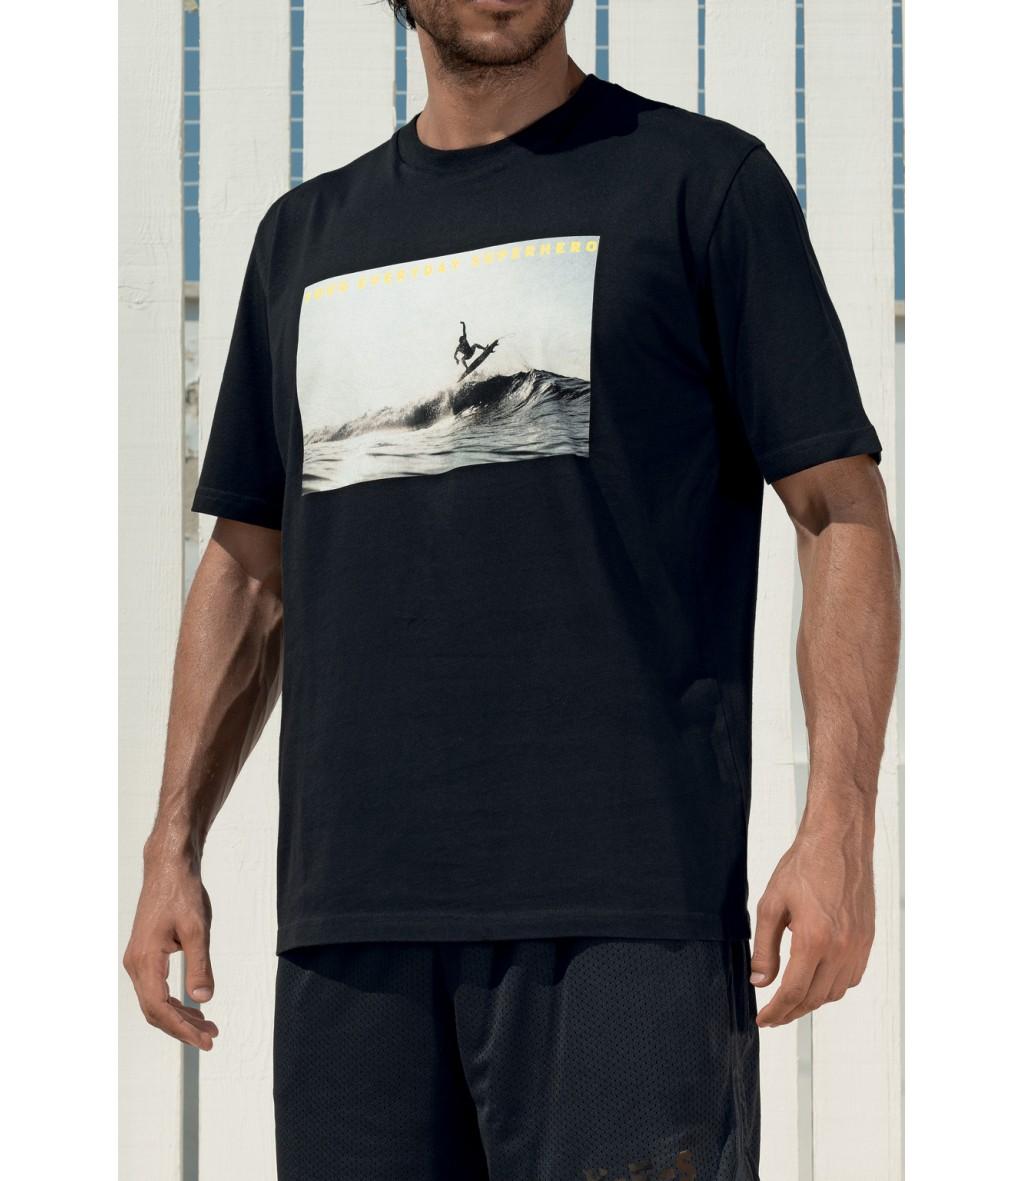 T-shirt in cotone nera da uomo Yes Your Everyday Superhero con stampa fotografica a tema surf in bianco e nero sul fronte.